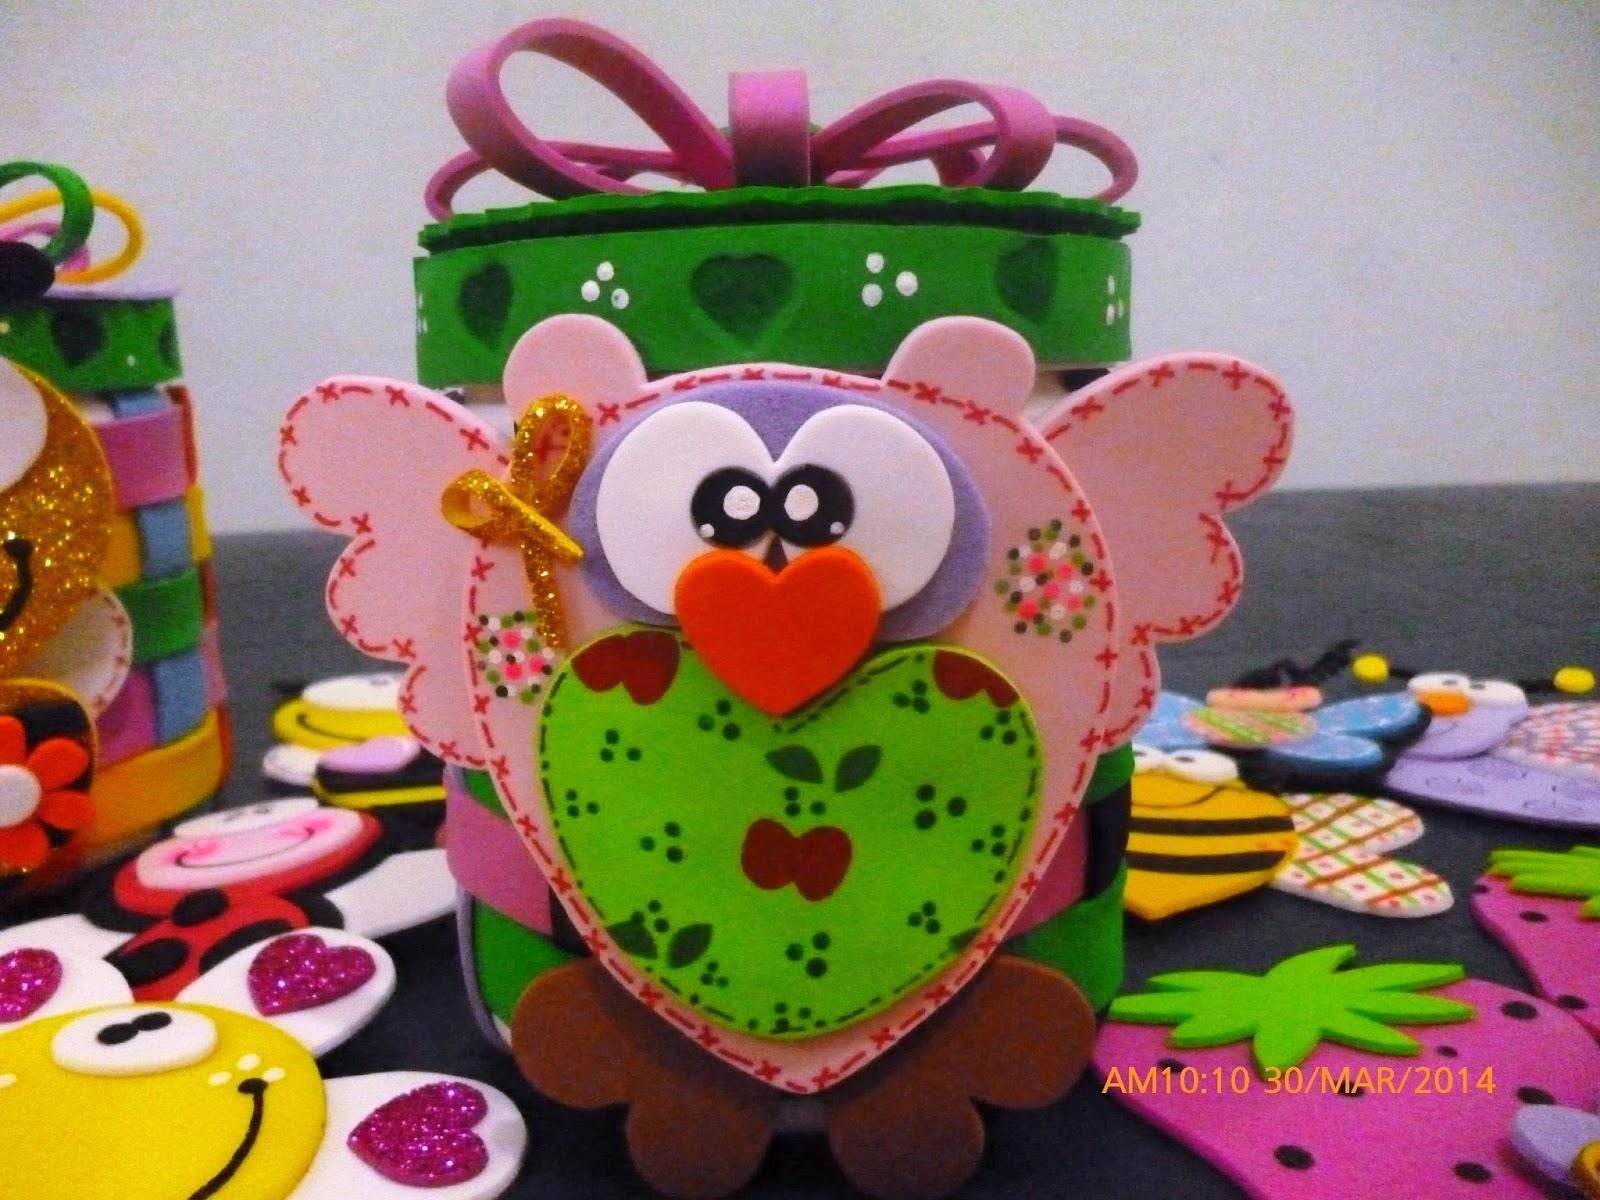 Cuchituras manualidades envases multiusos bichitos cuchi for Envases de vidrio decorados